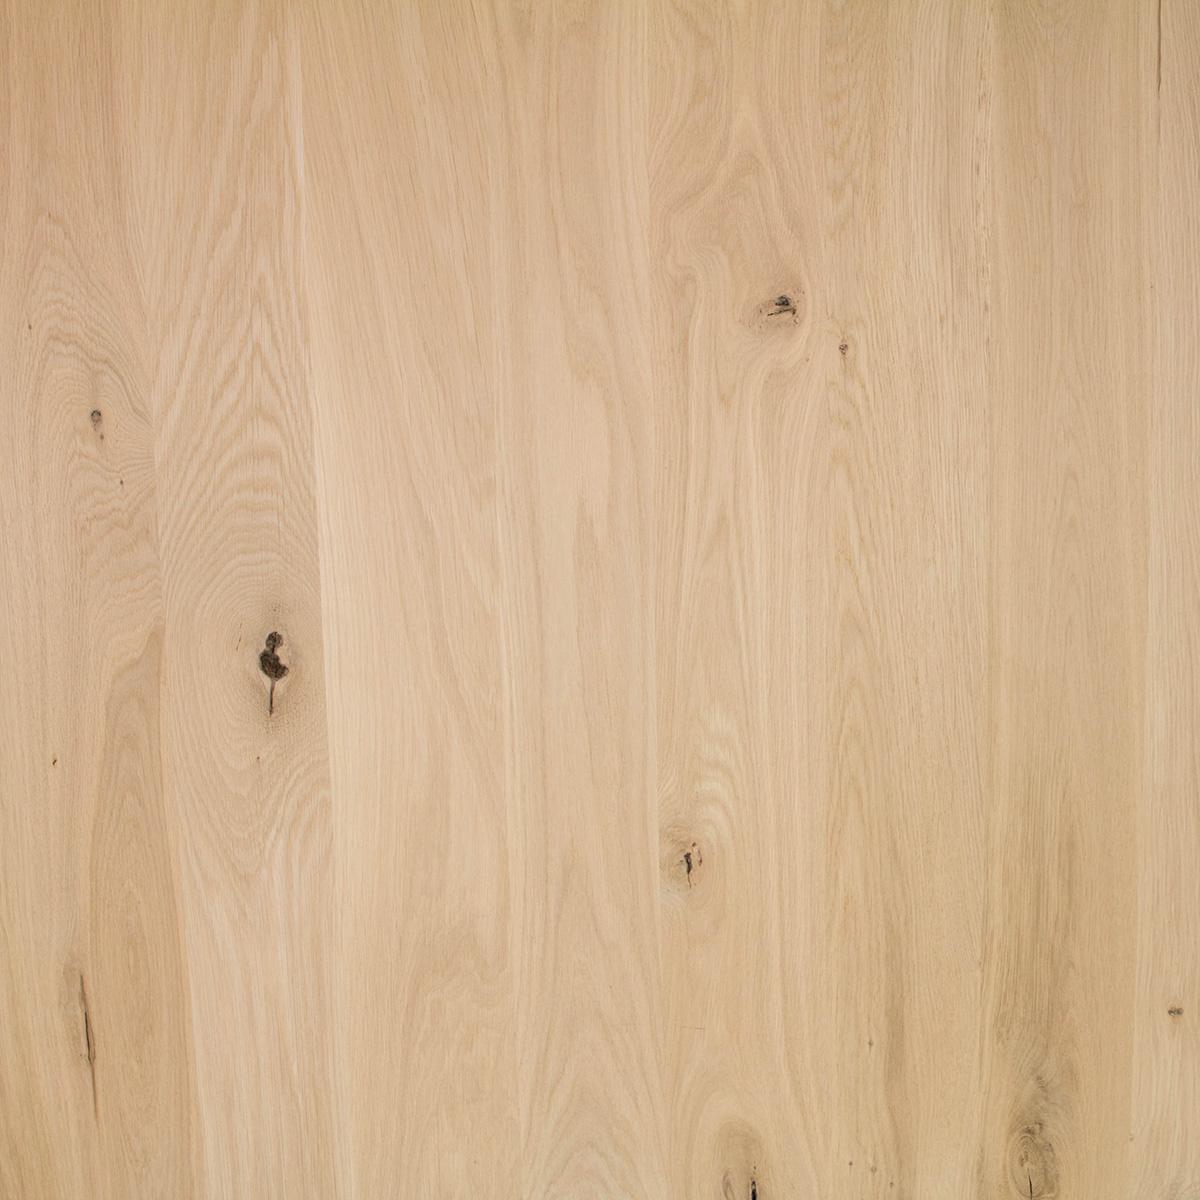 Eiken A-tafelpoten (SET - 2 stuks) 10x10cm - 85 cm breed - 72 cm hoog -  A-poot van Rustiek eikenhout - verlijmd kd 8-12%